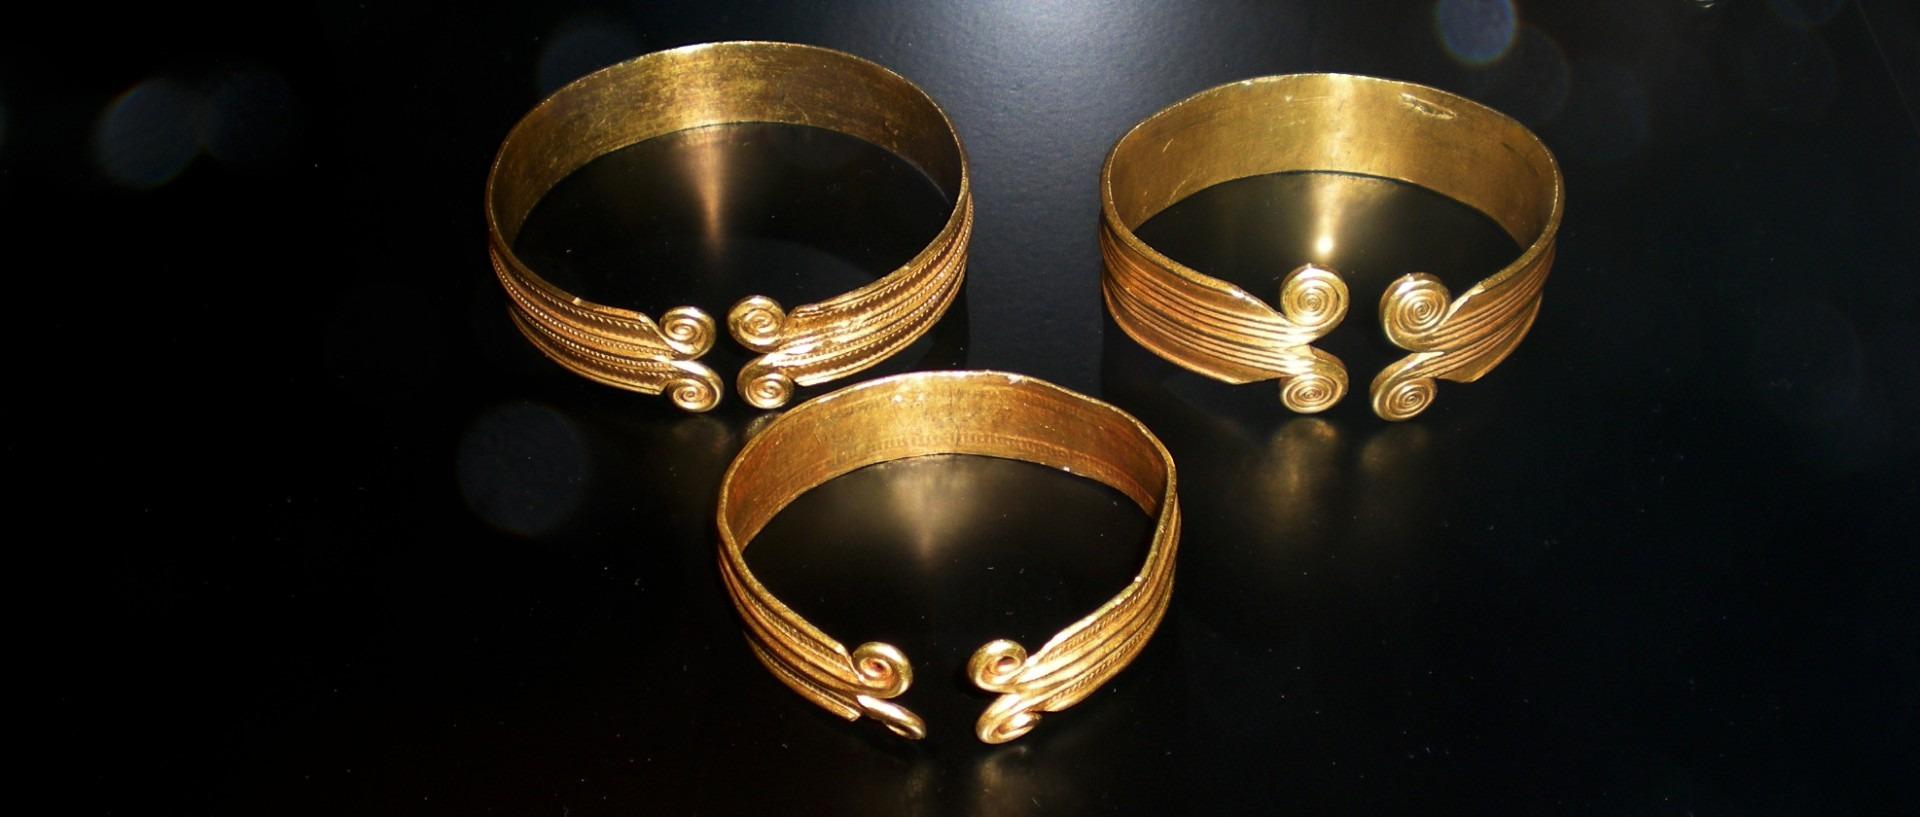 Gratis Afbeeldingen : licht, ring, gouden, museum, primitief, metaal ...